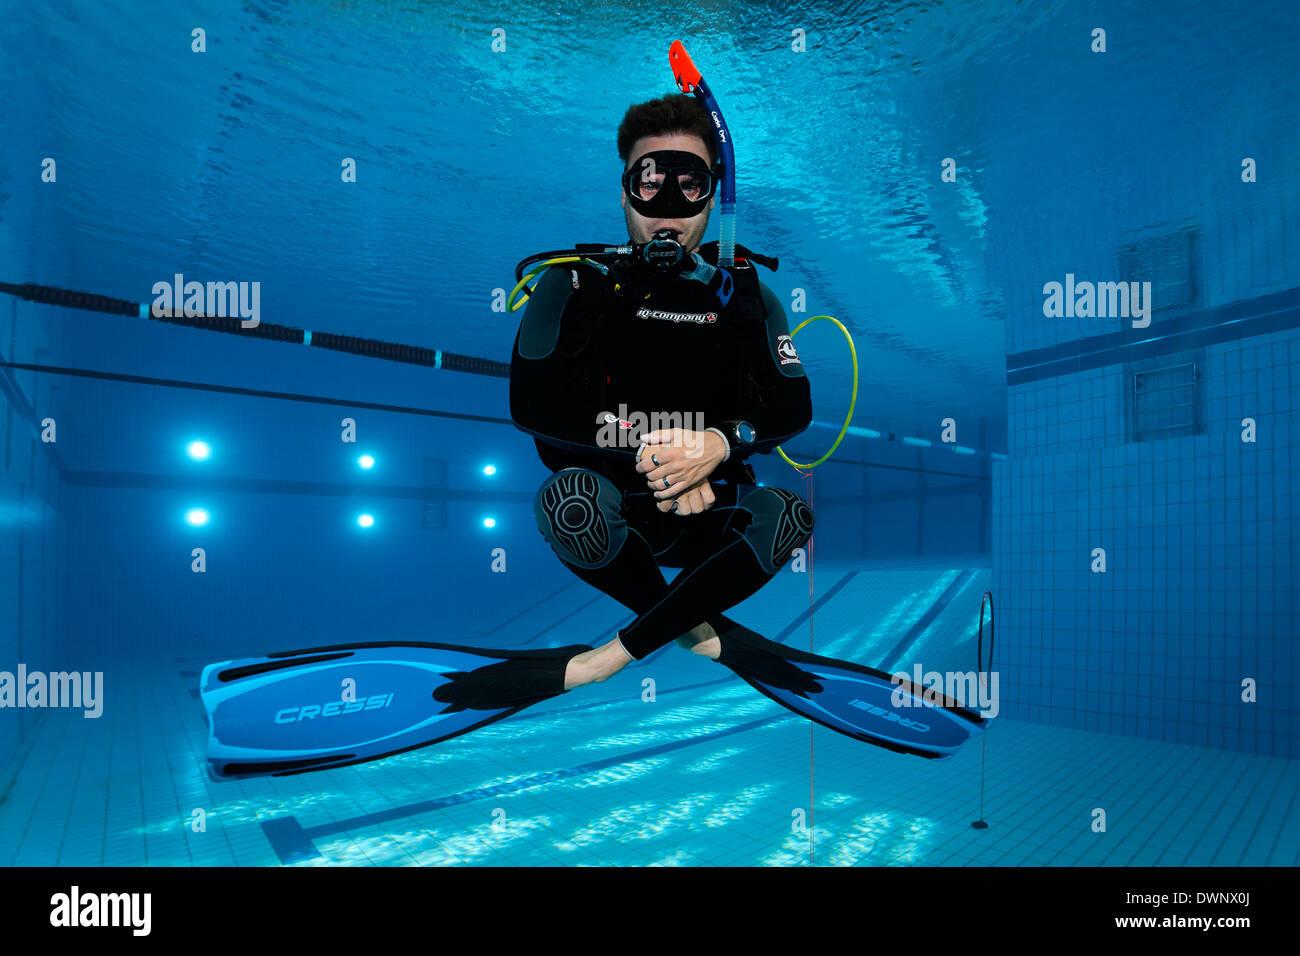 Addestramento subacqueo, bilanciamento in una piscina, Norimberga, Baviera, Germania Immagini Stock